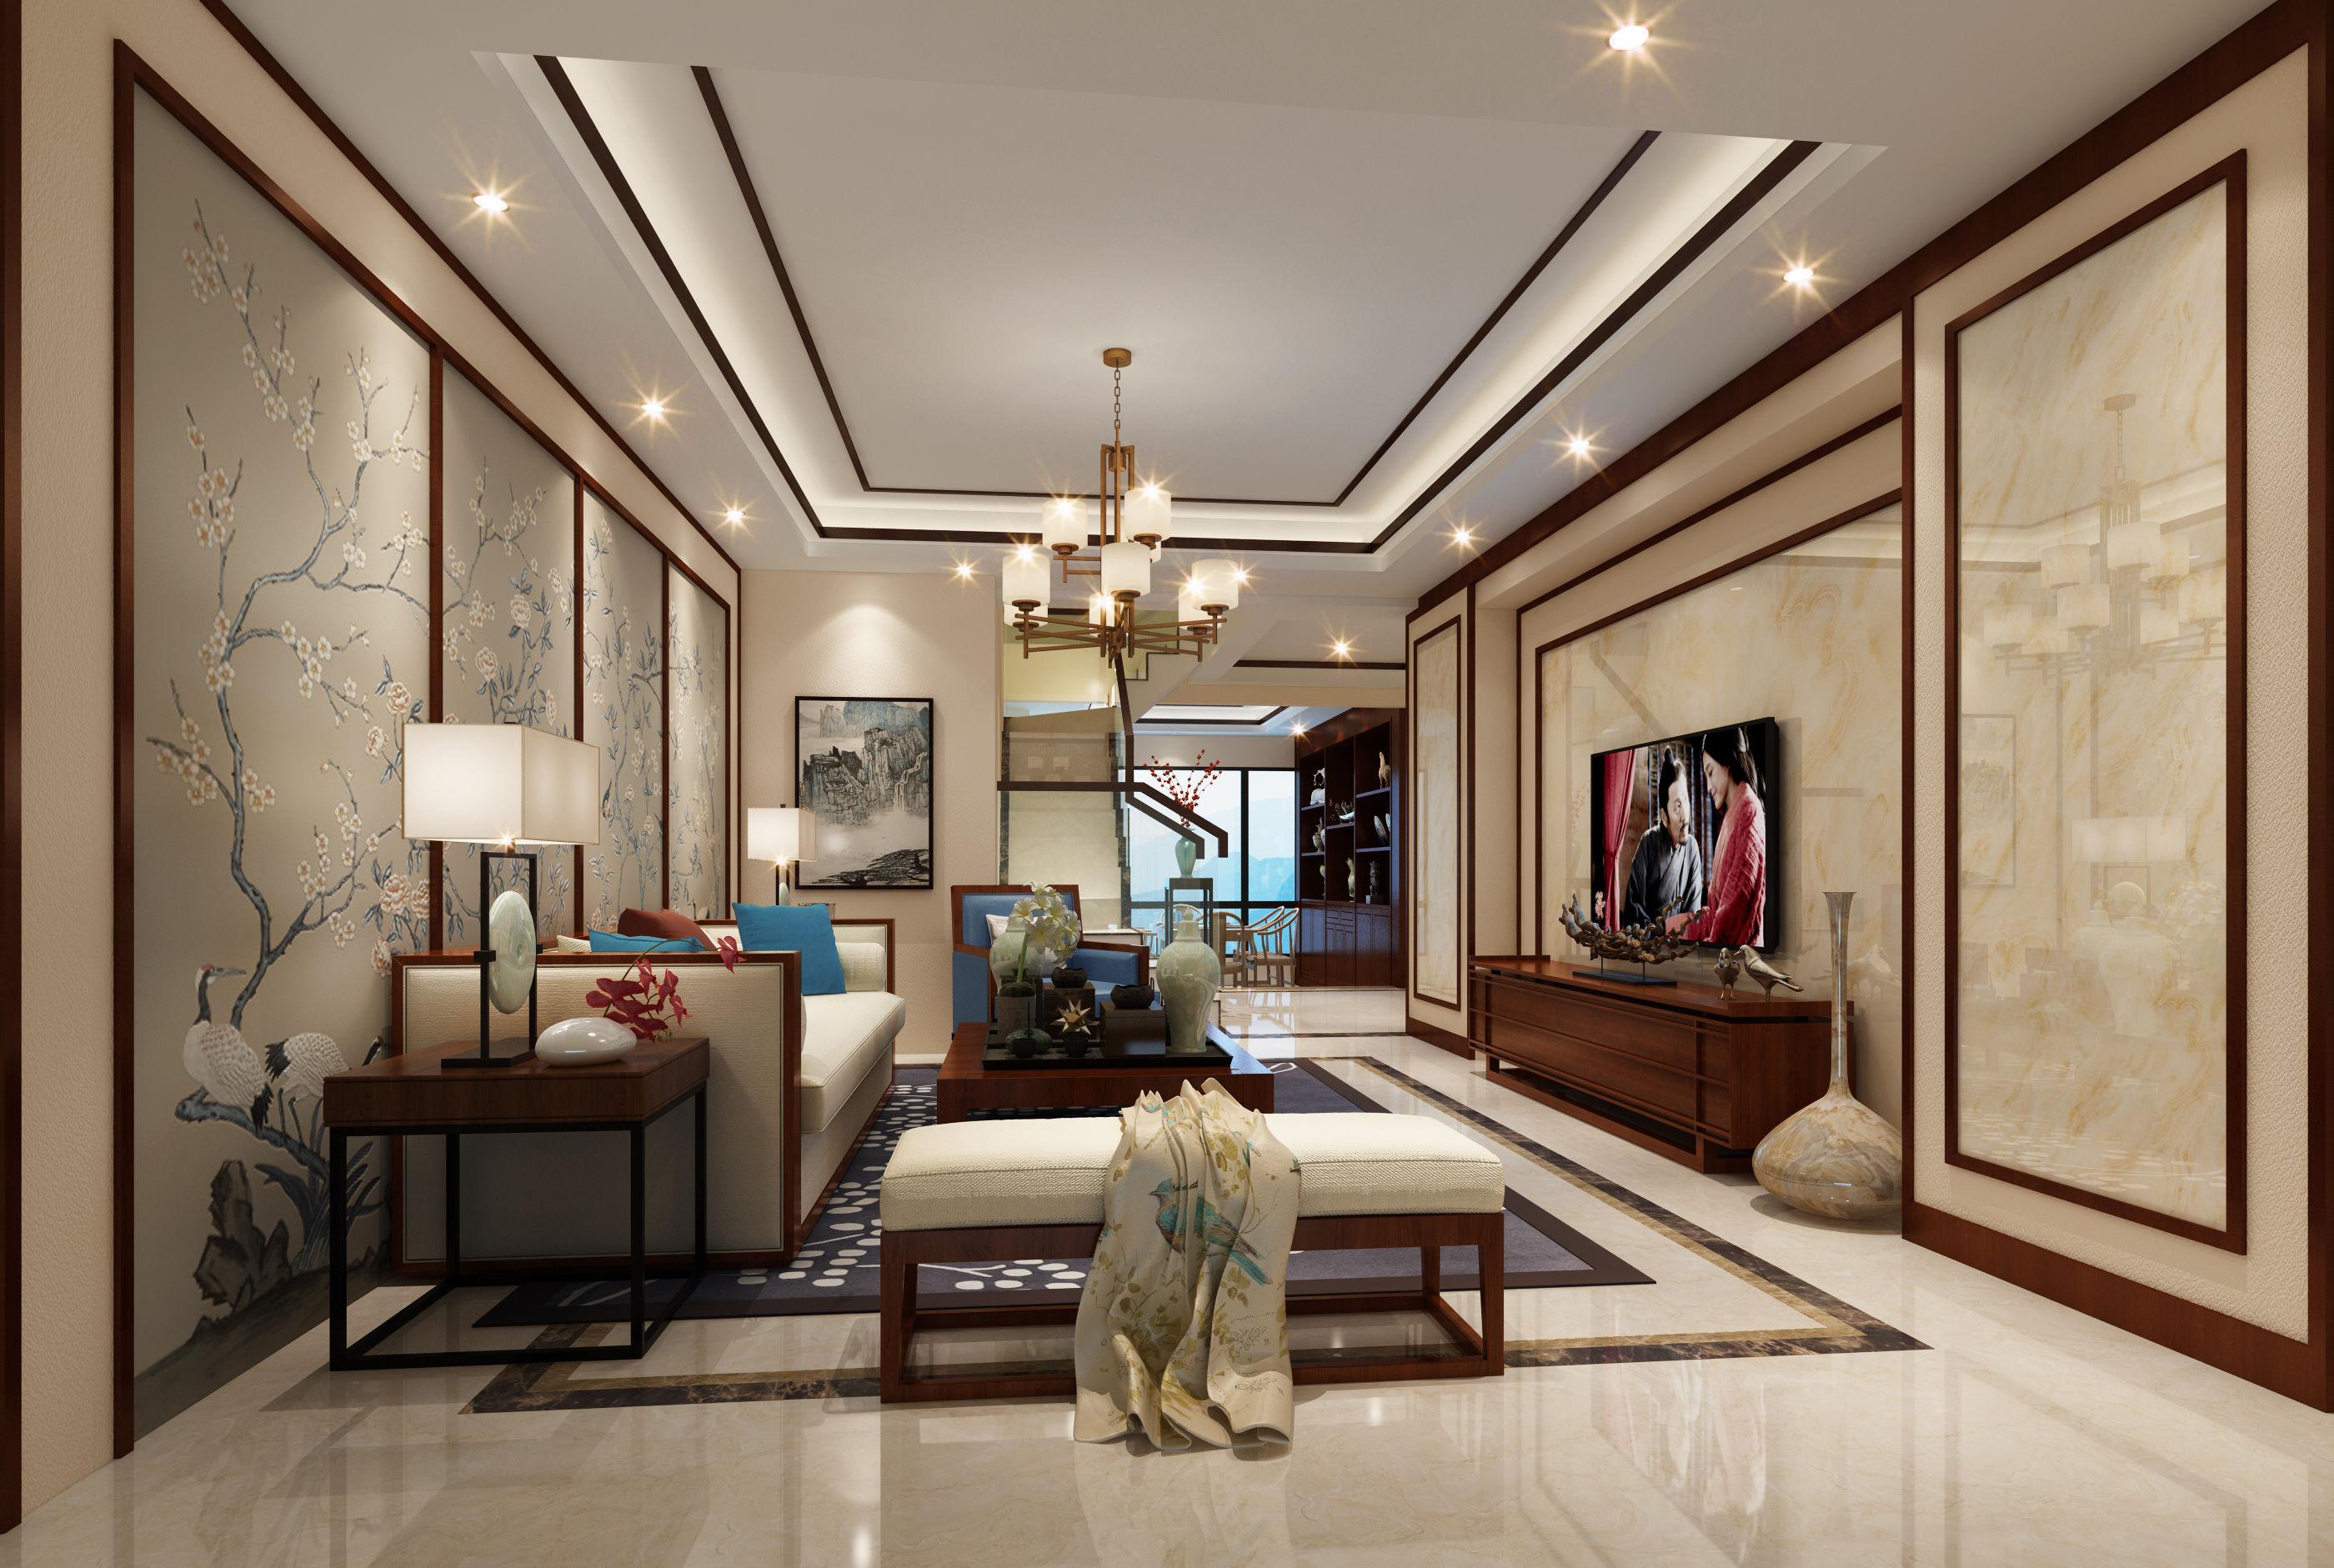 除了进客厅的大门,看不见其它的任何门,只能看见两个走道和一个楼梯门